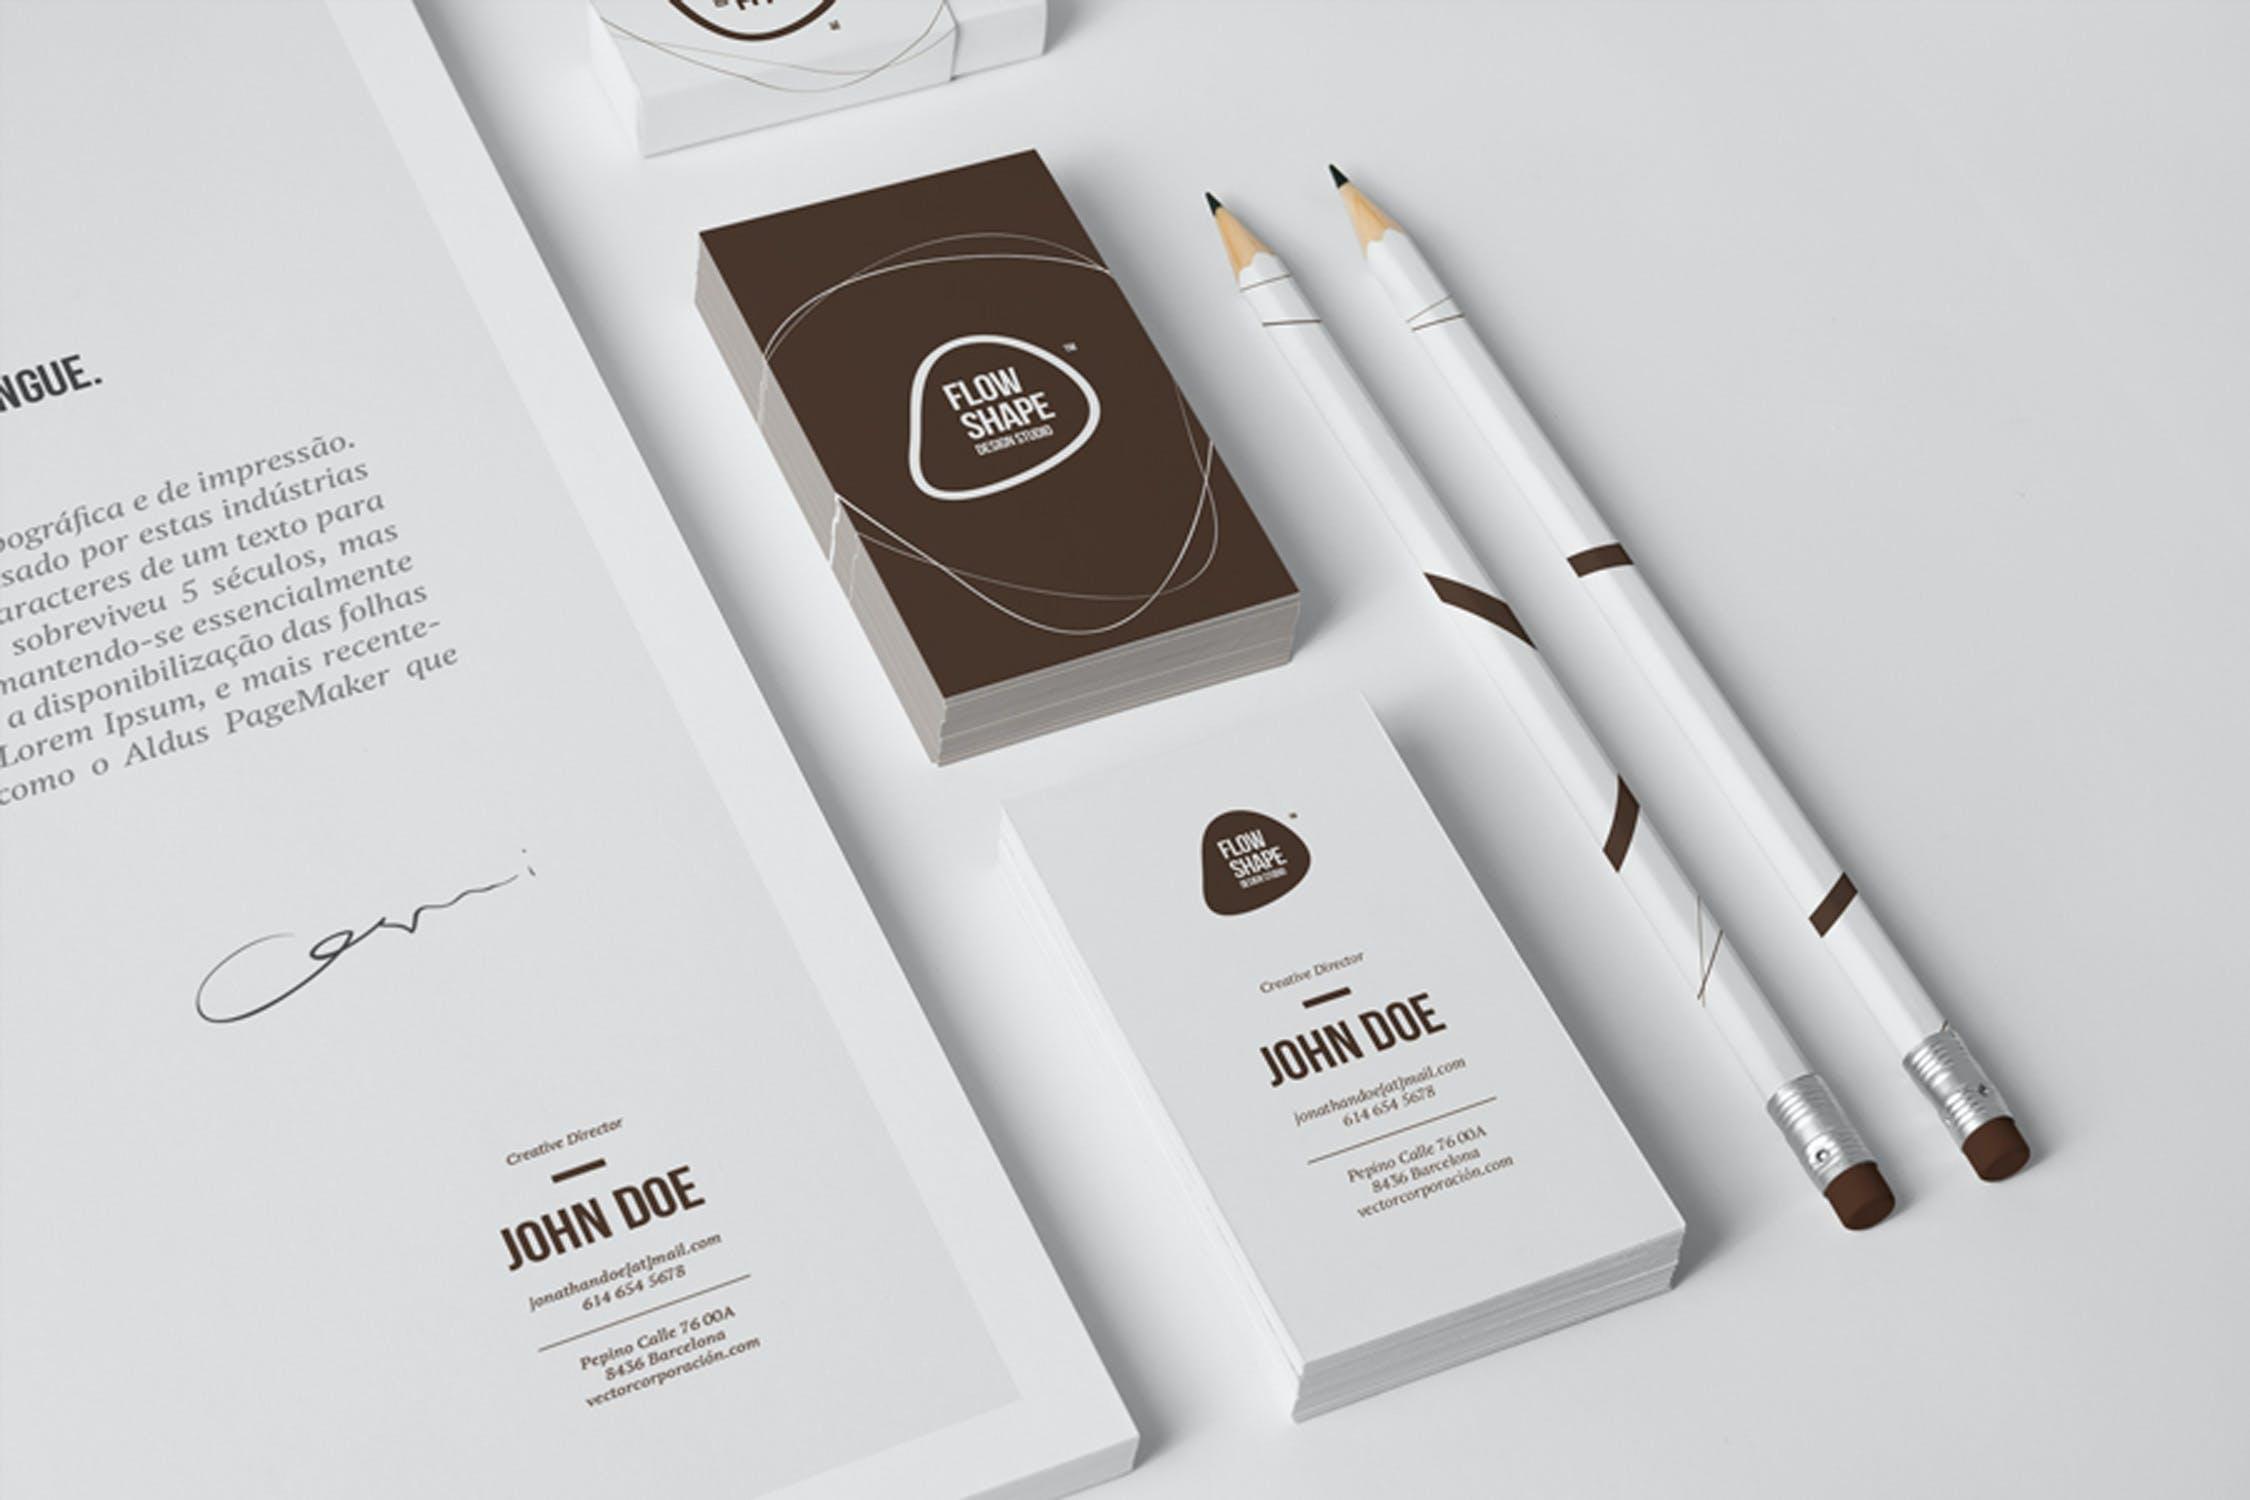 6款多角度品牌VI设计办公用品展示样机模板 Multi-Dimension Branding Dentity Mockup 4插图(2)